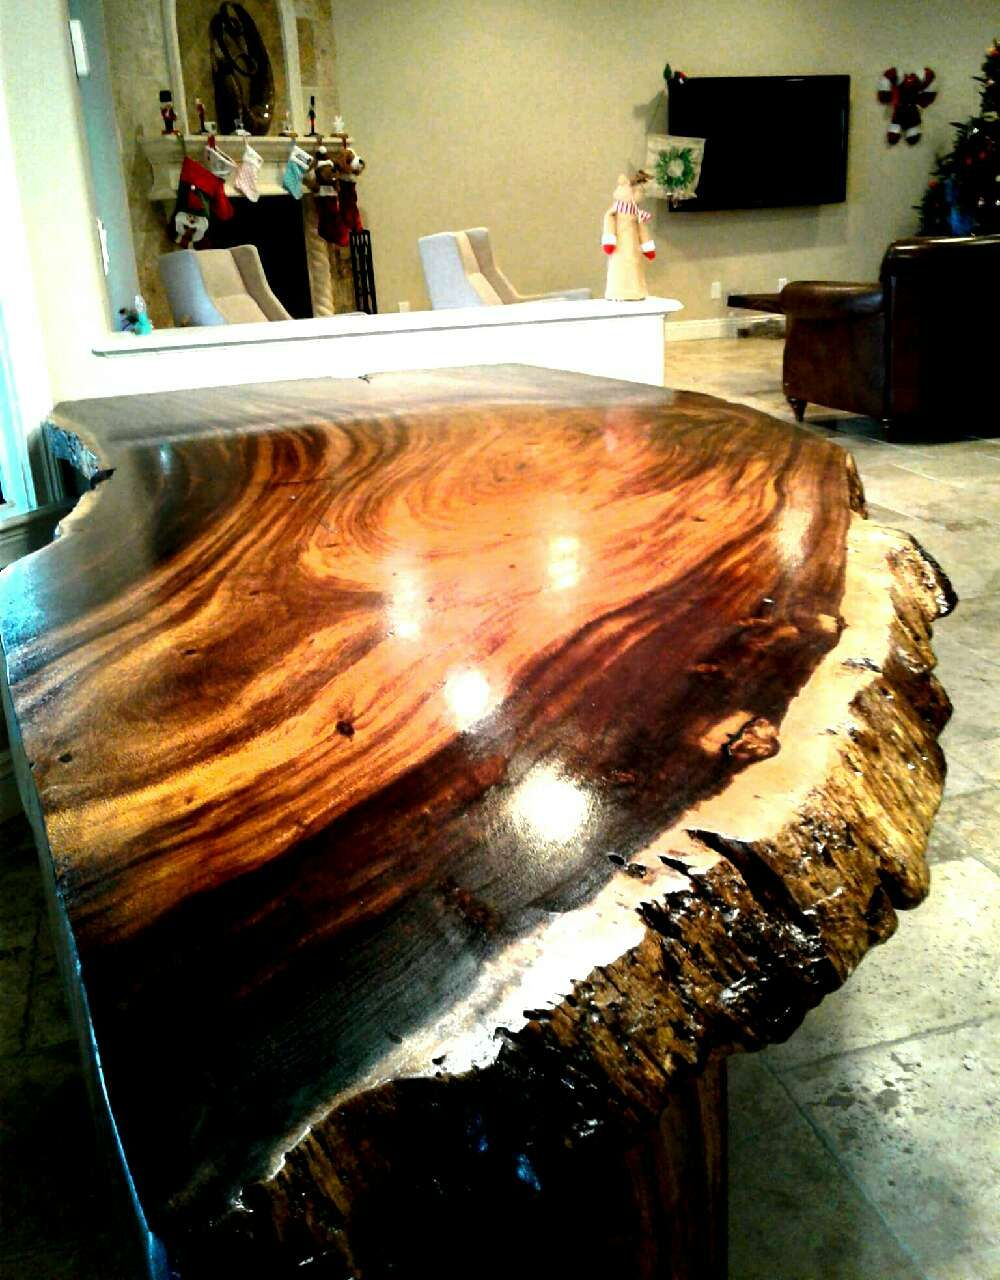 letgo - brown wooden table in Georgia State University, GA